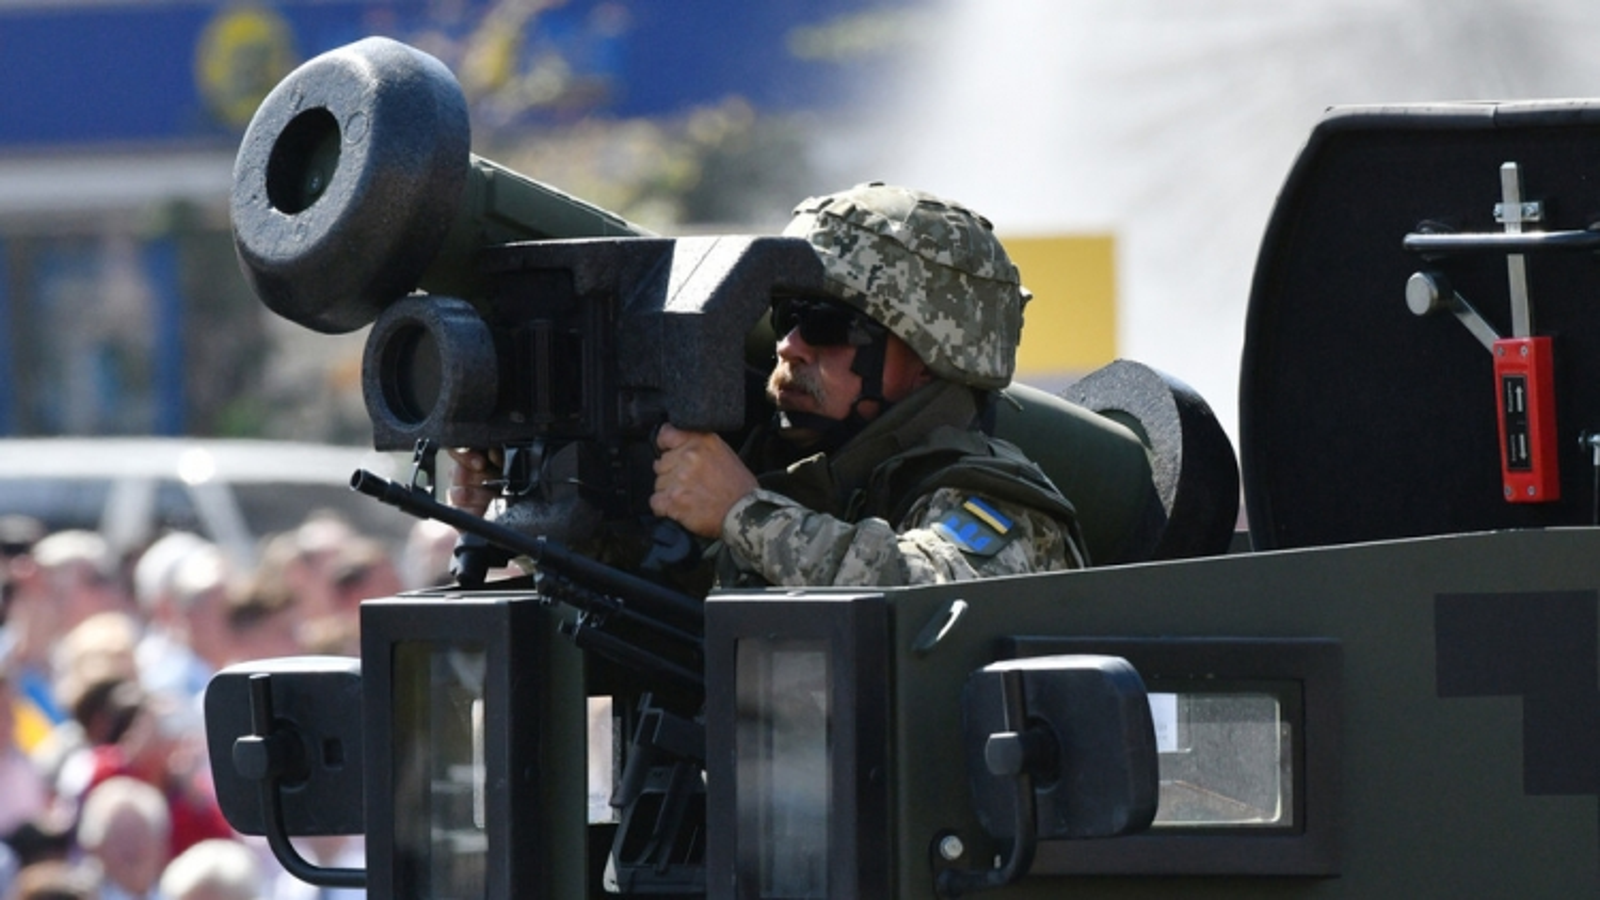 Tên lửa Javelin không hoạt động trong cuộc tập trận quân sự ở Ukraine